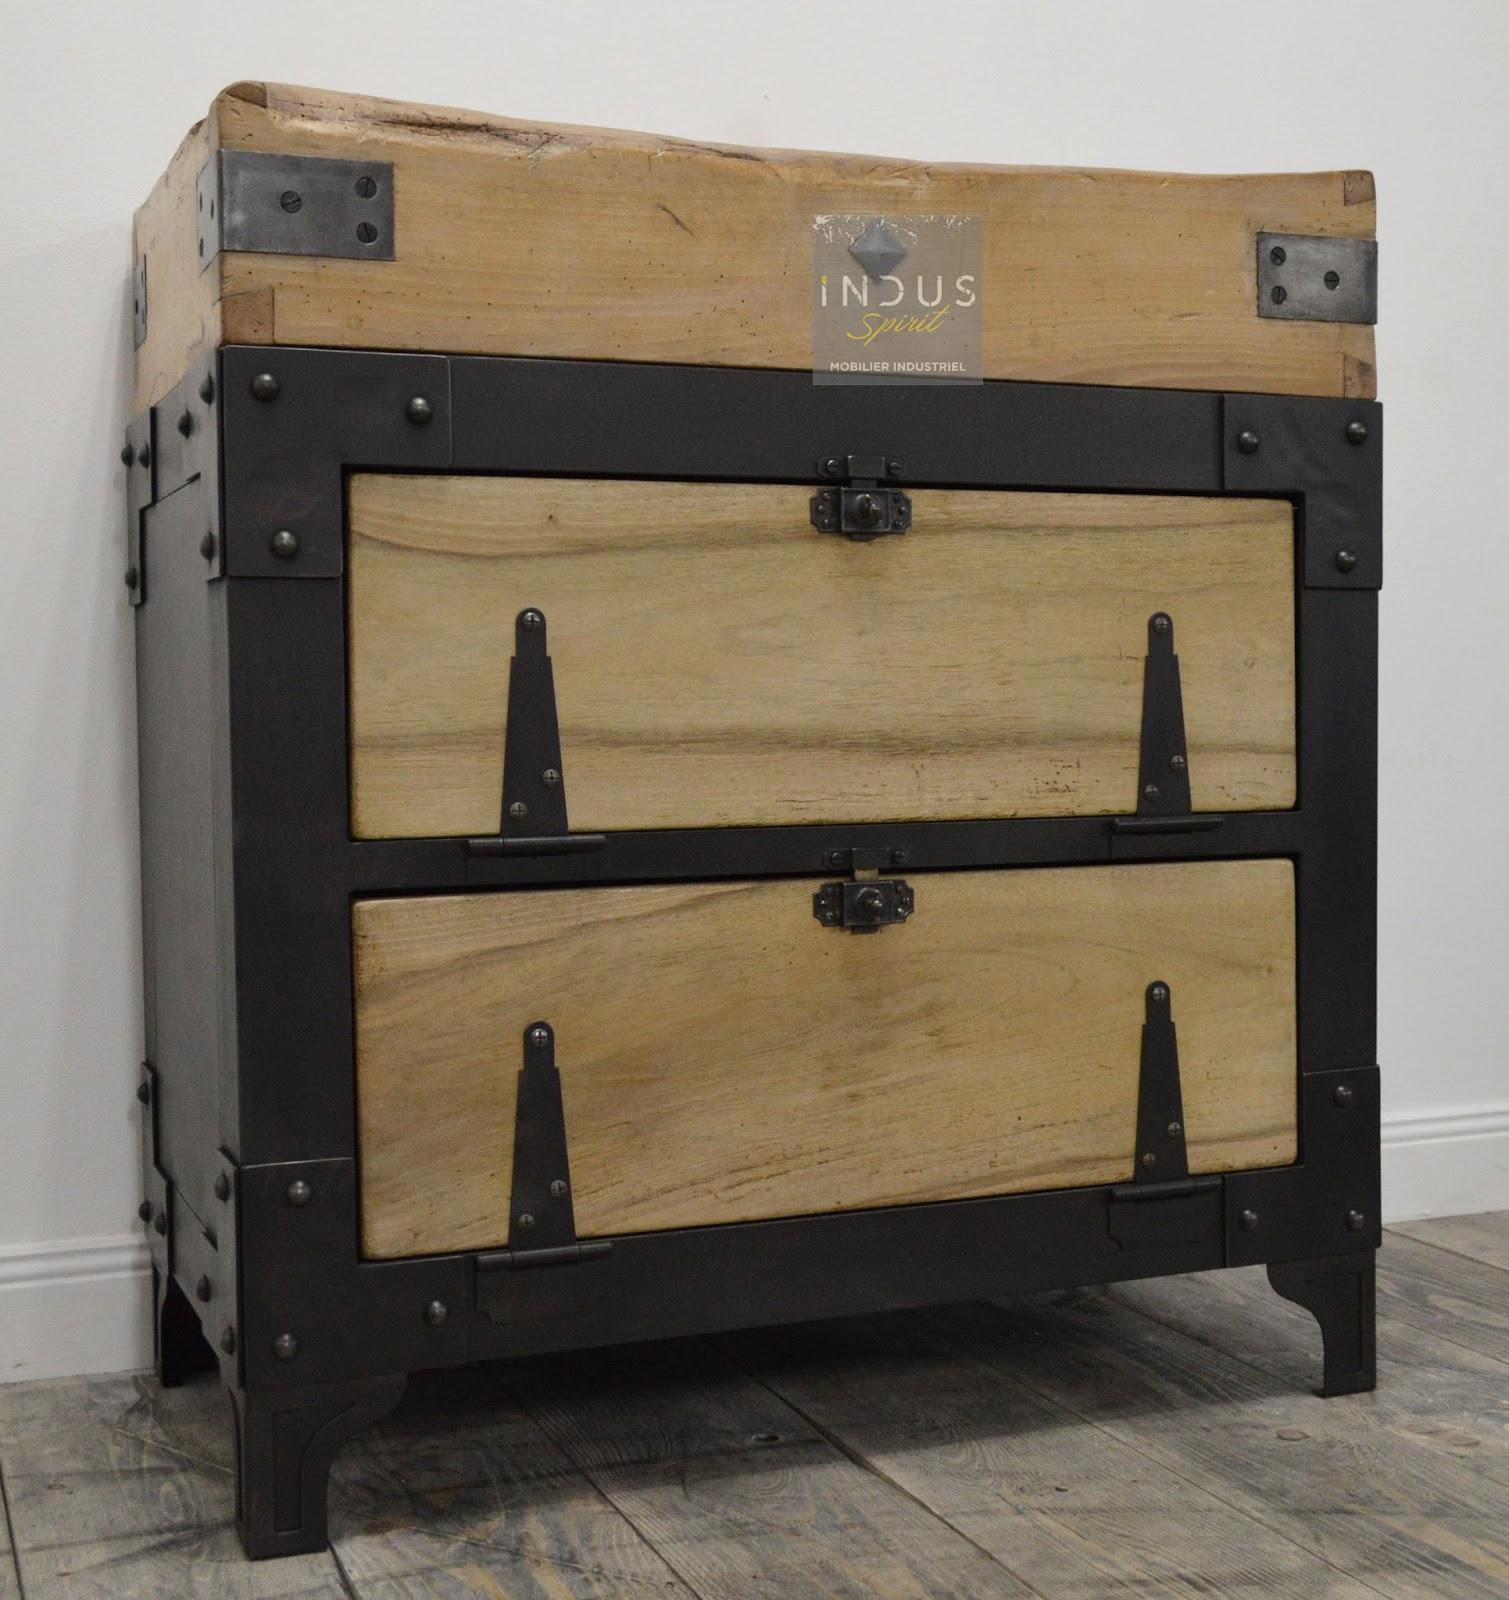 Meuble industriel d coration industrielle meuble de for Meuble facon industriel